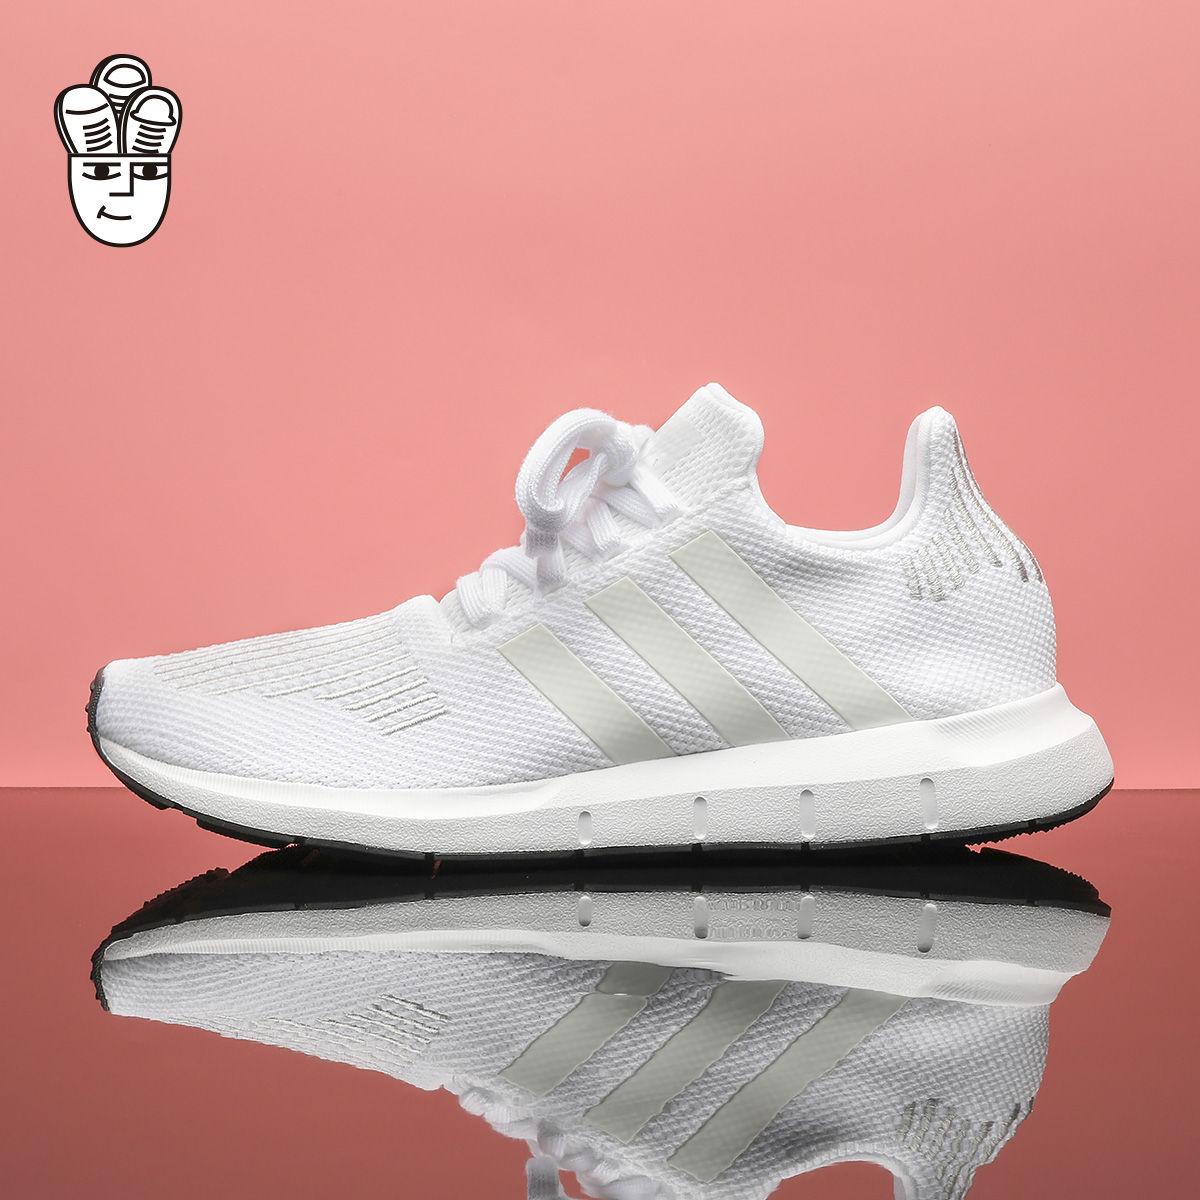 Adidas Swift Run 阿迪达斯男鞋 透气轻便跑步鞋 运动休闲鞋